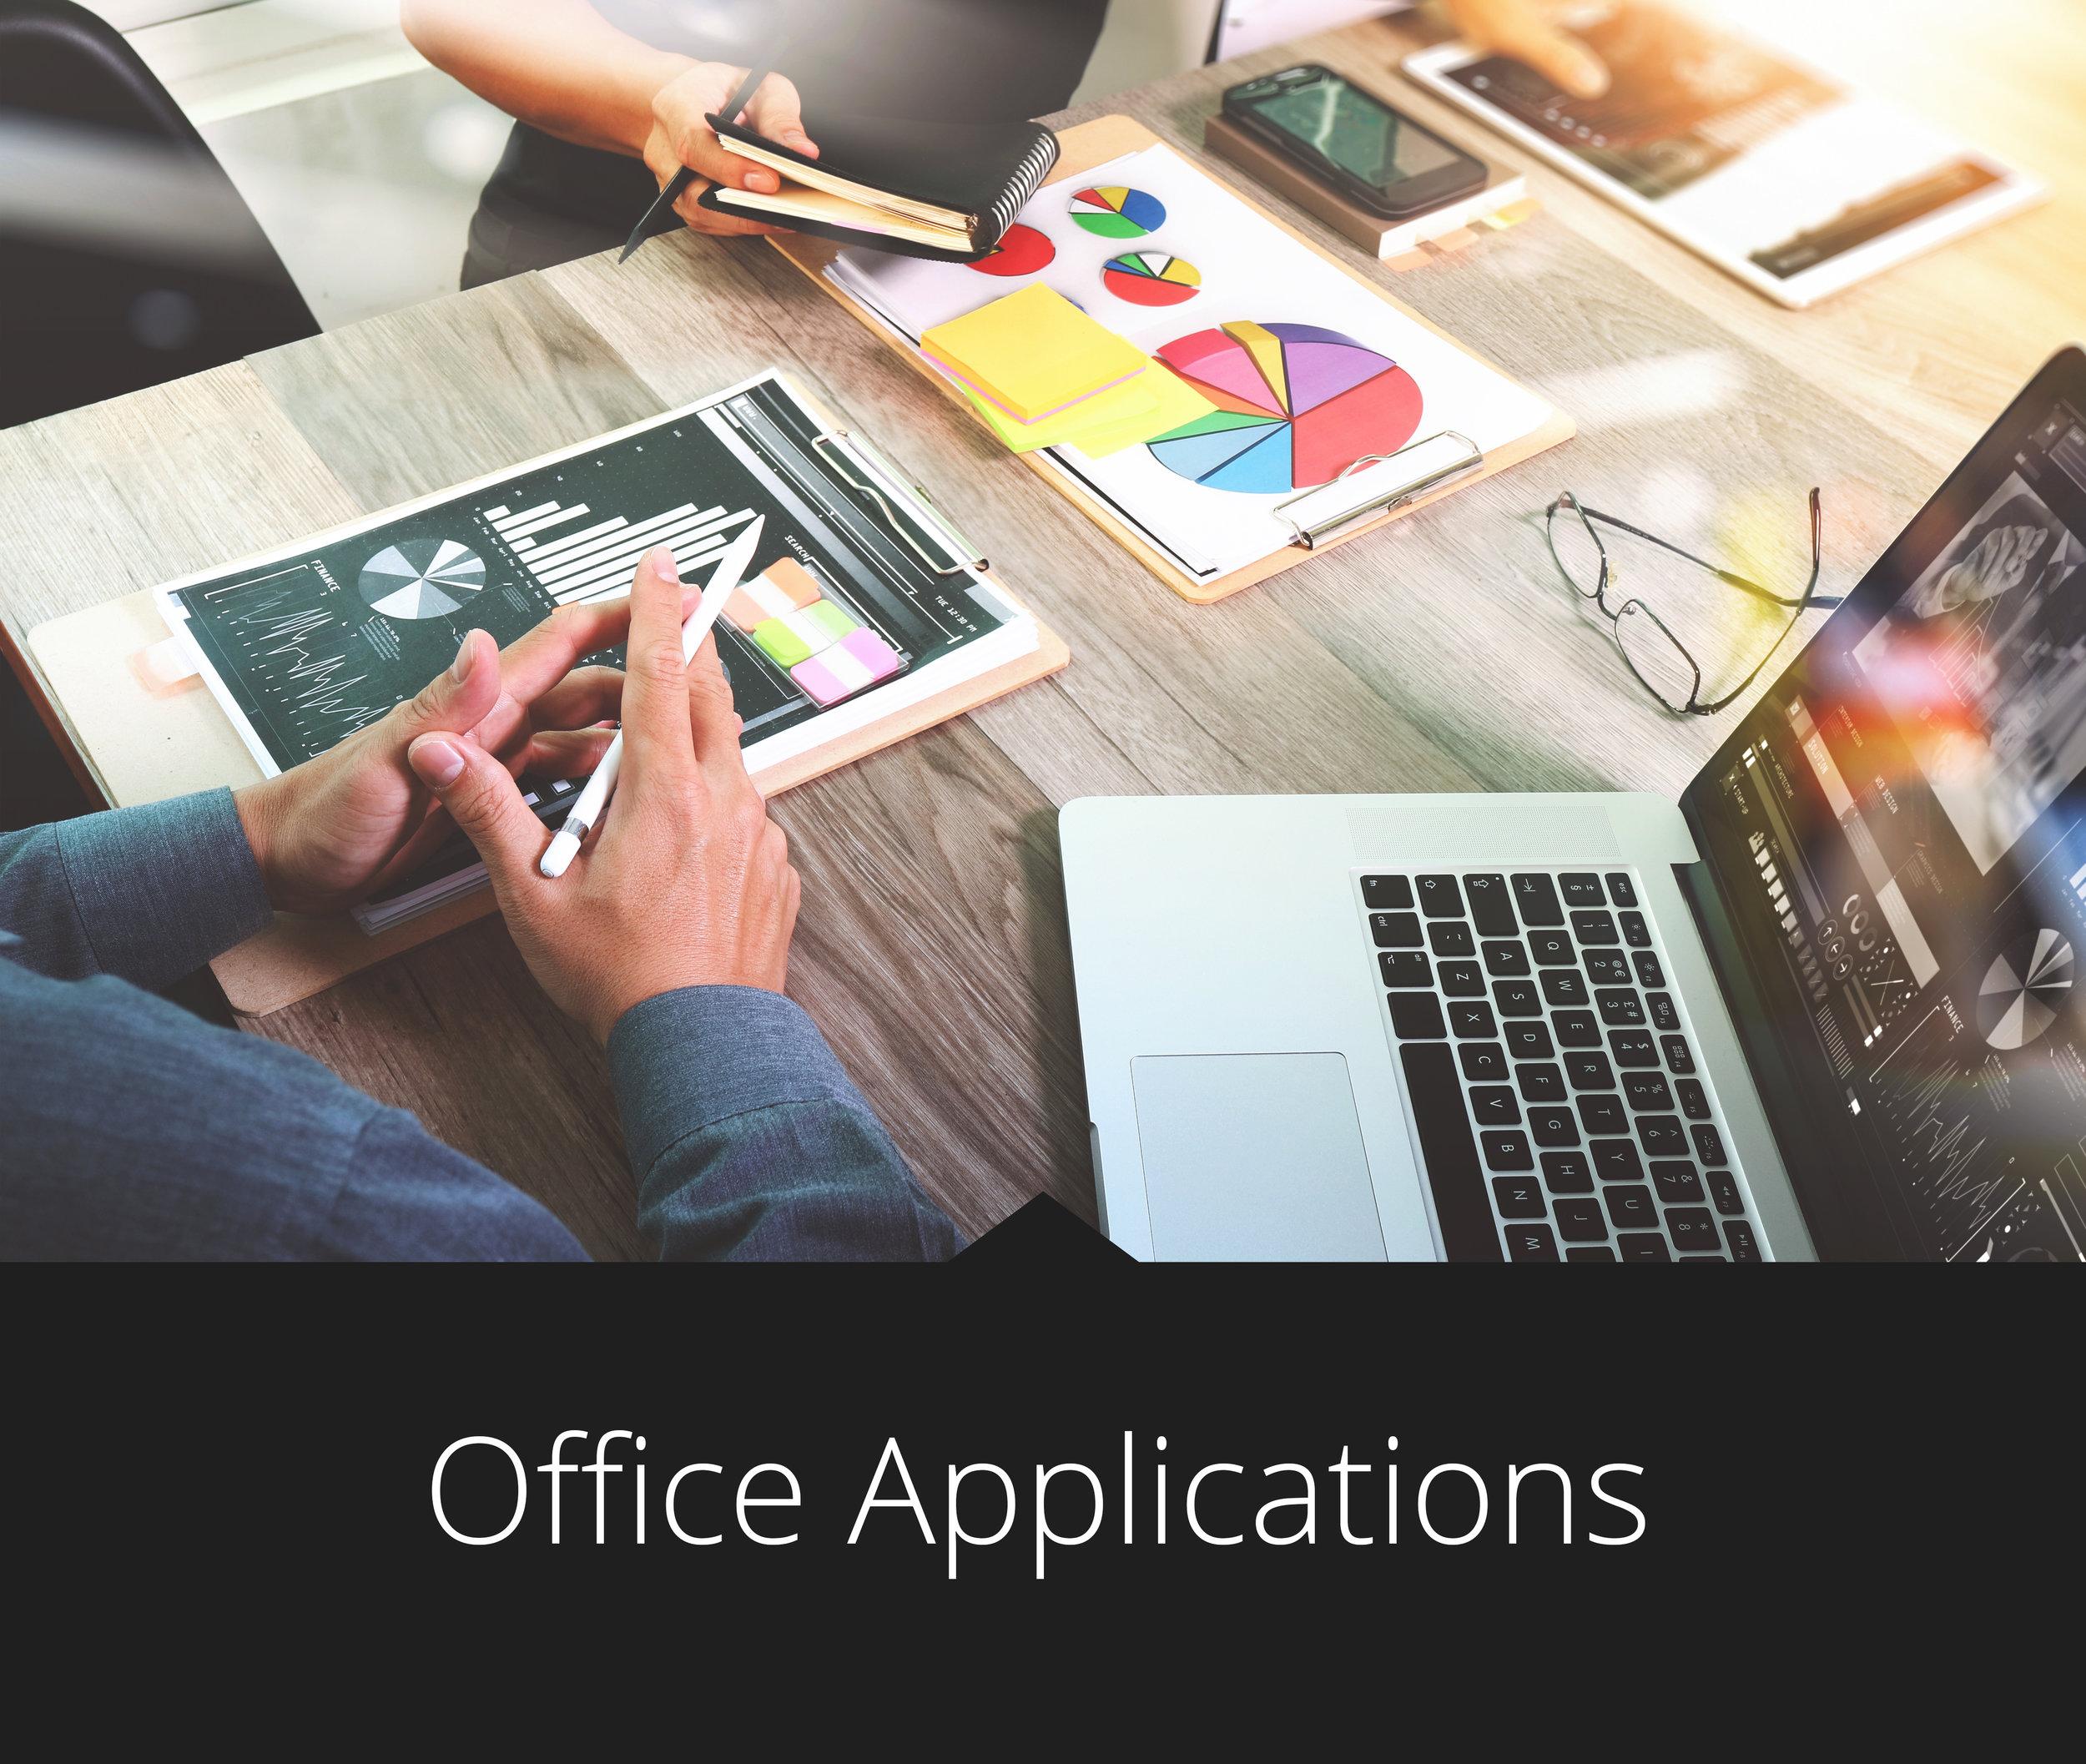 officeapp-1.jpg